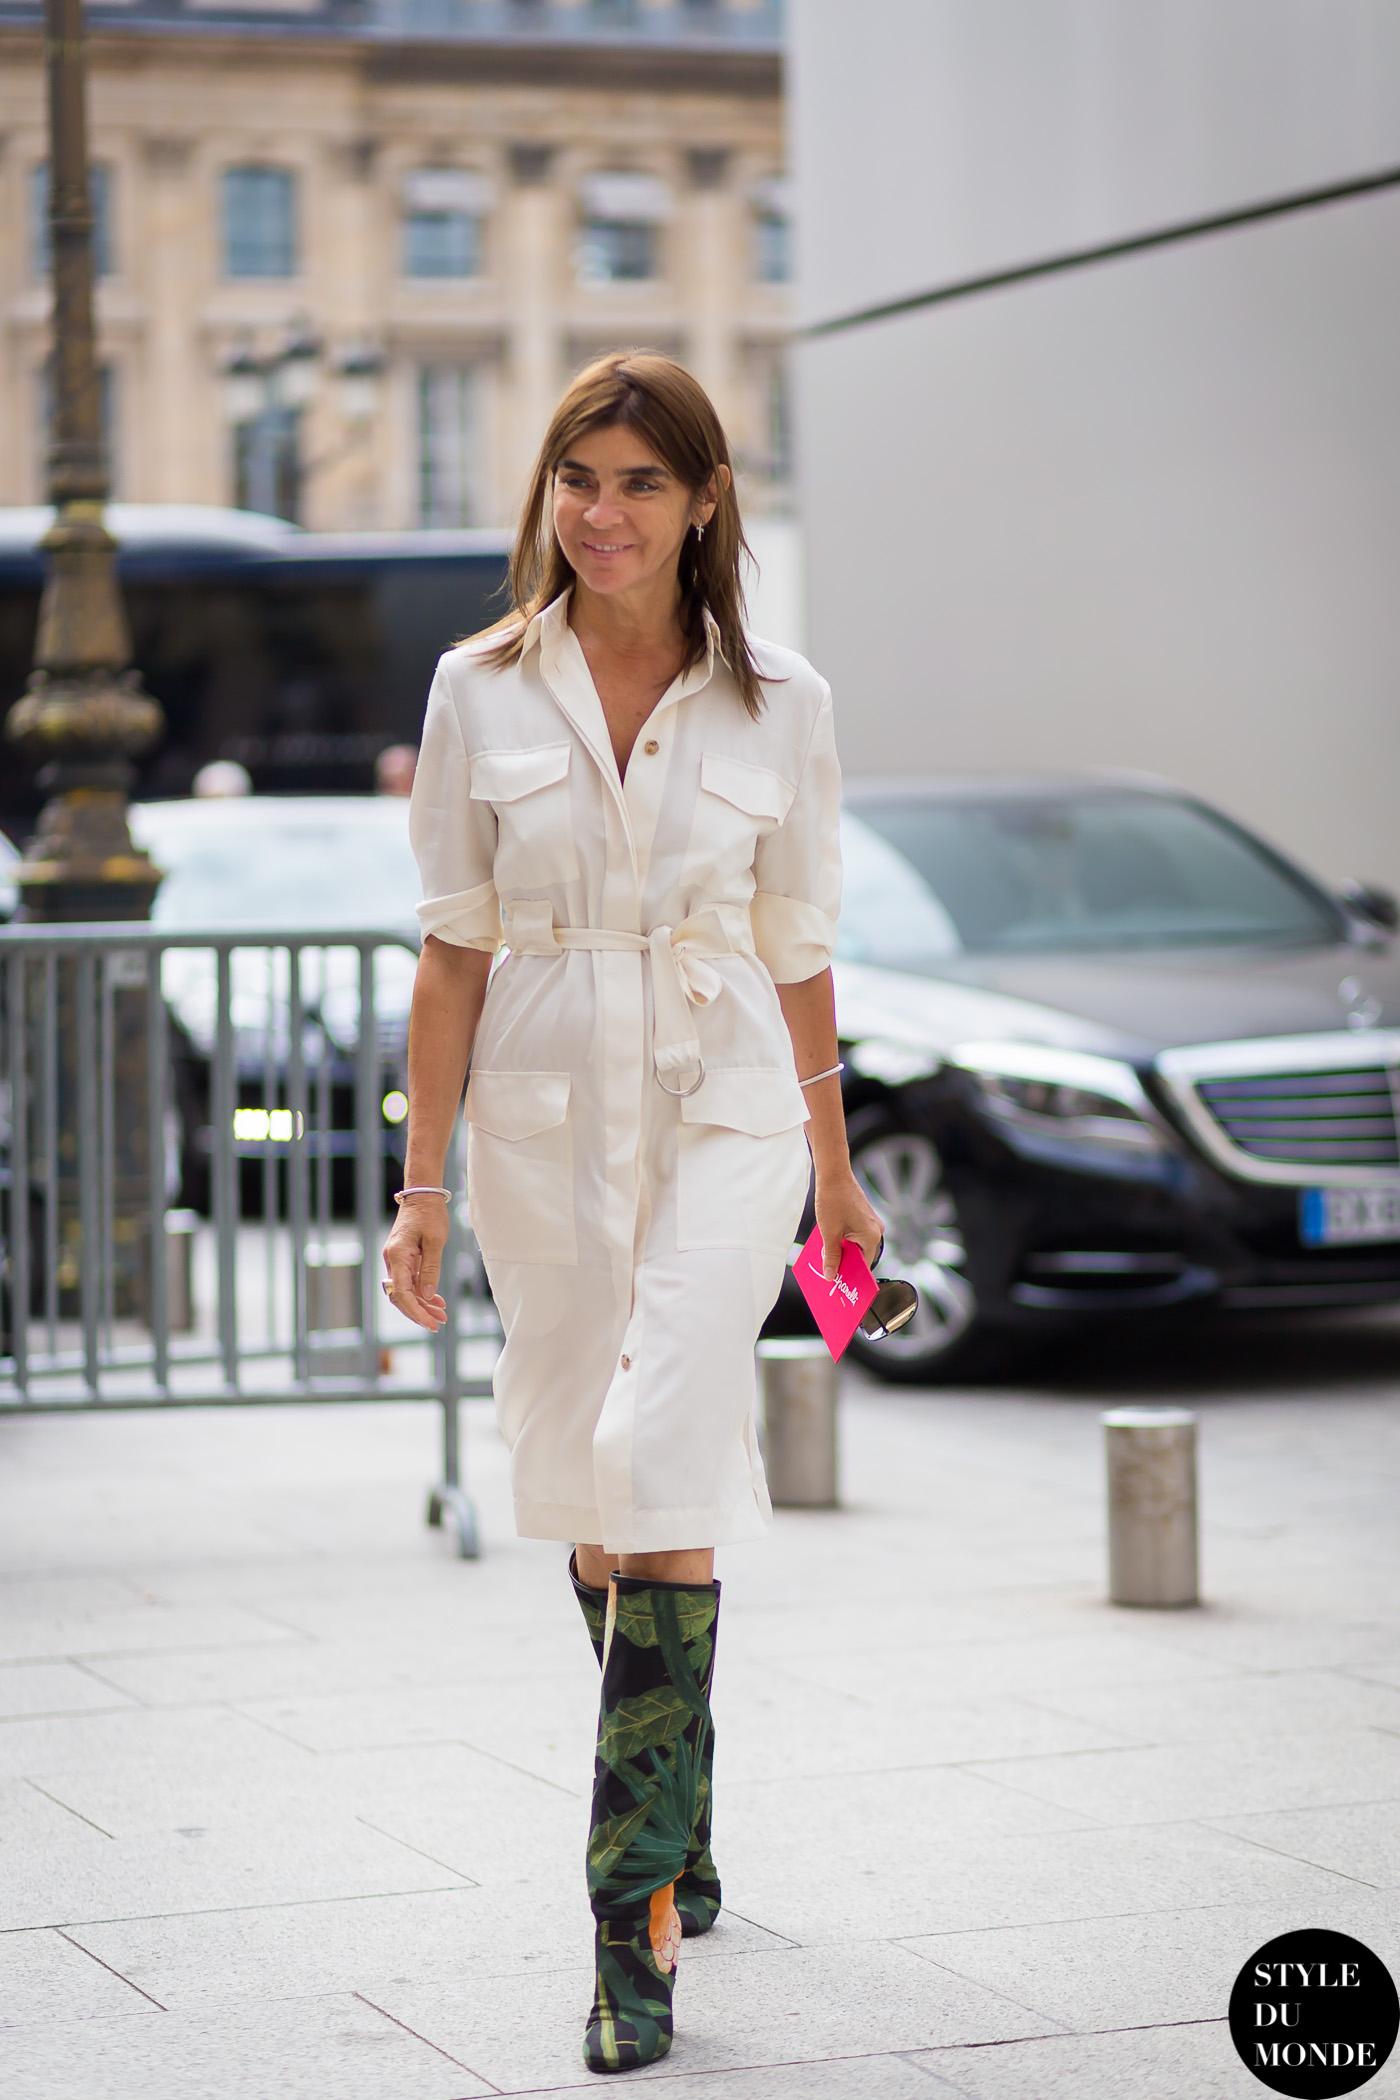 Carine Roitfeld Style Du Monde Street Style Street